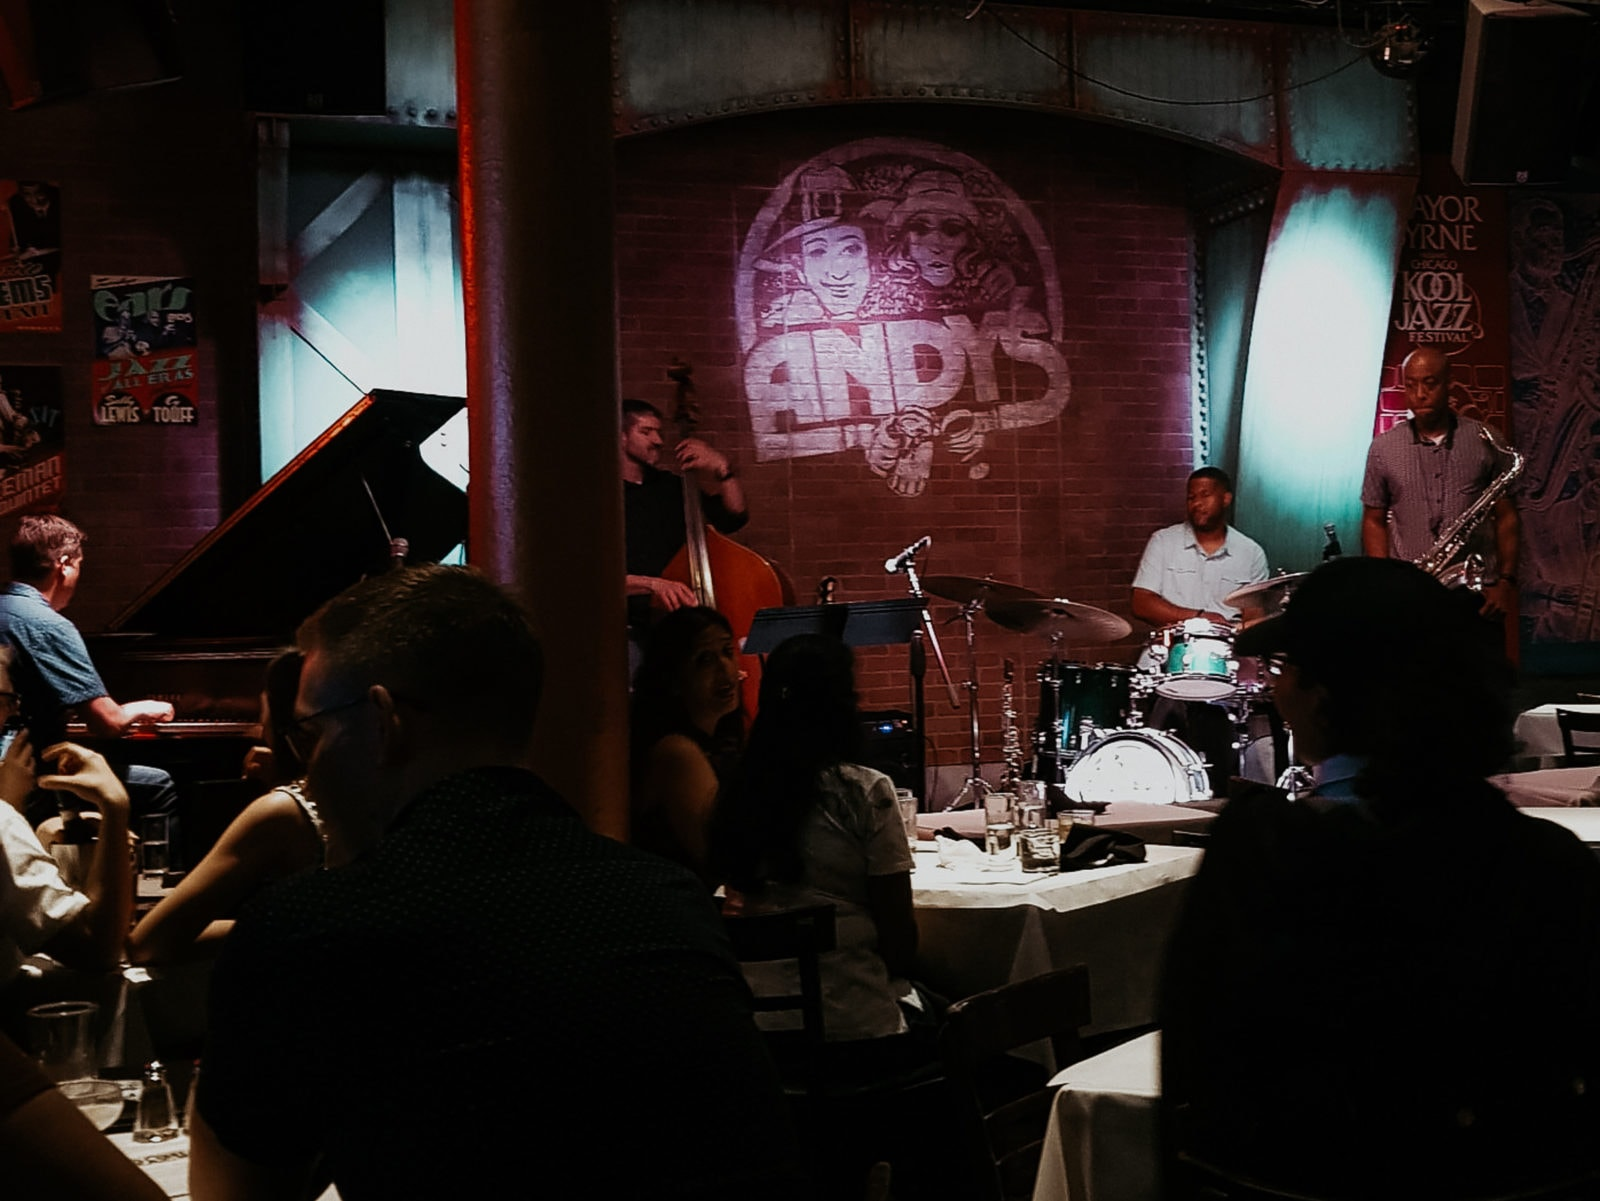 Chicago Sehenswürdigkeiten Andys Jazz Club Livemusik